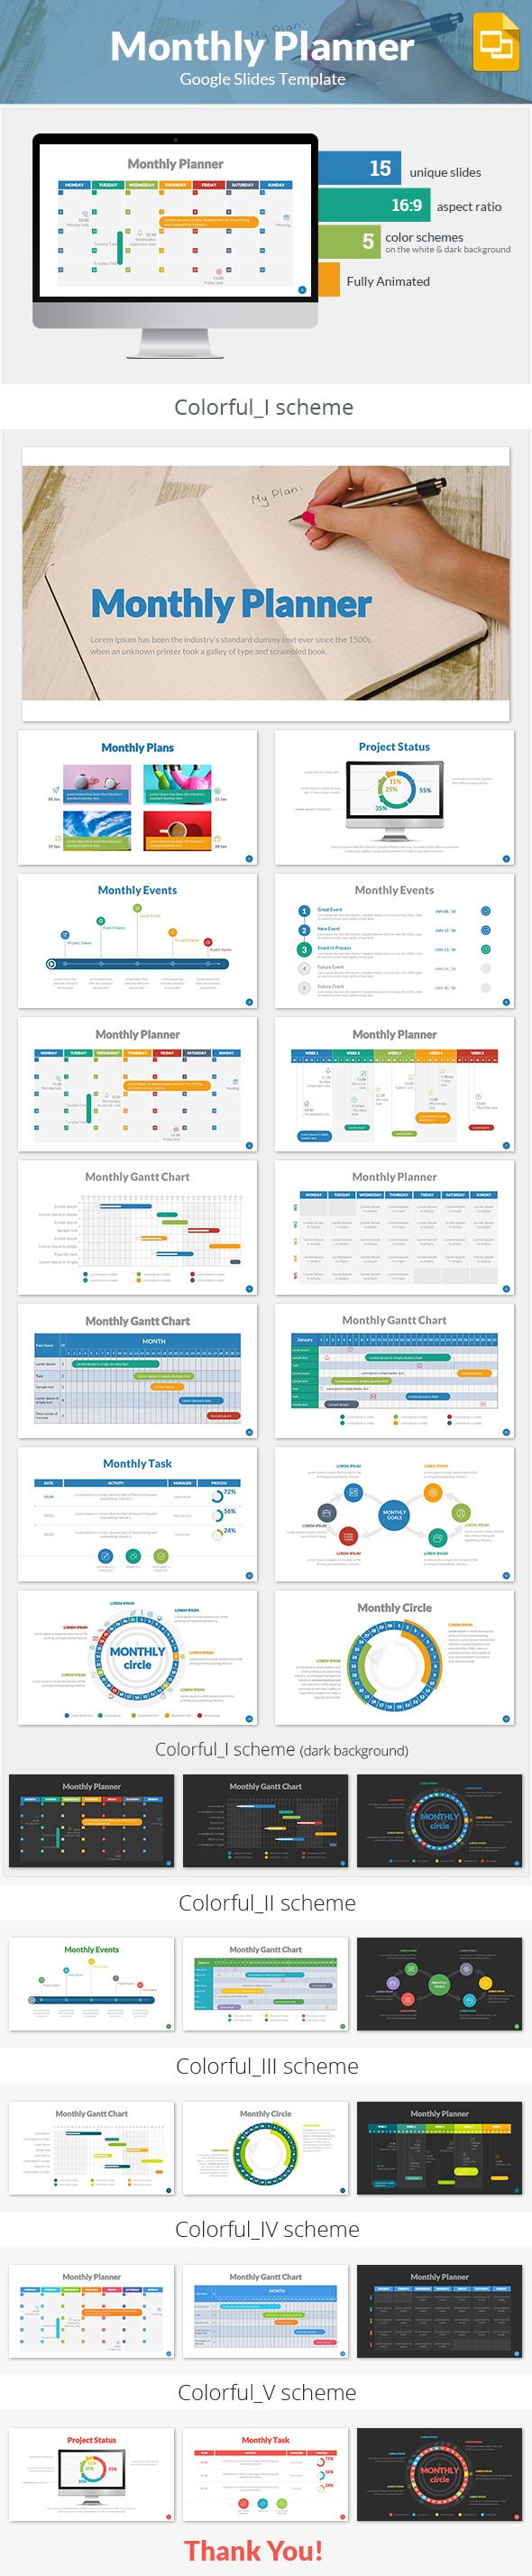 Monthly Planner Google Slides Template - Google Slides Presentation Templates